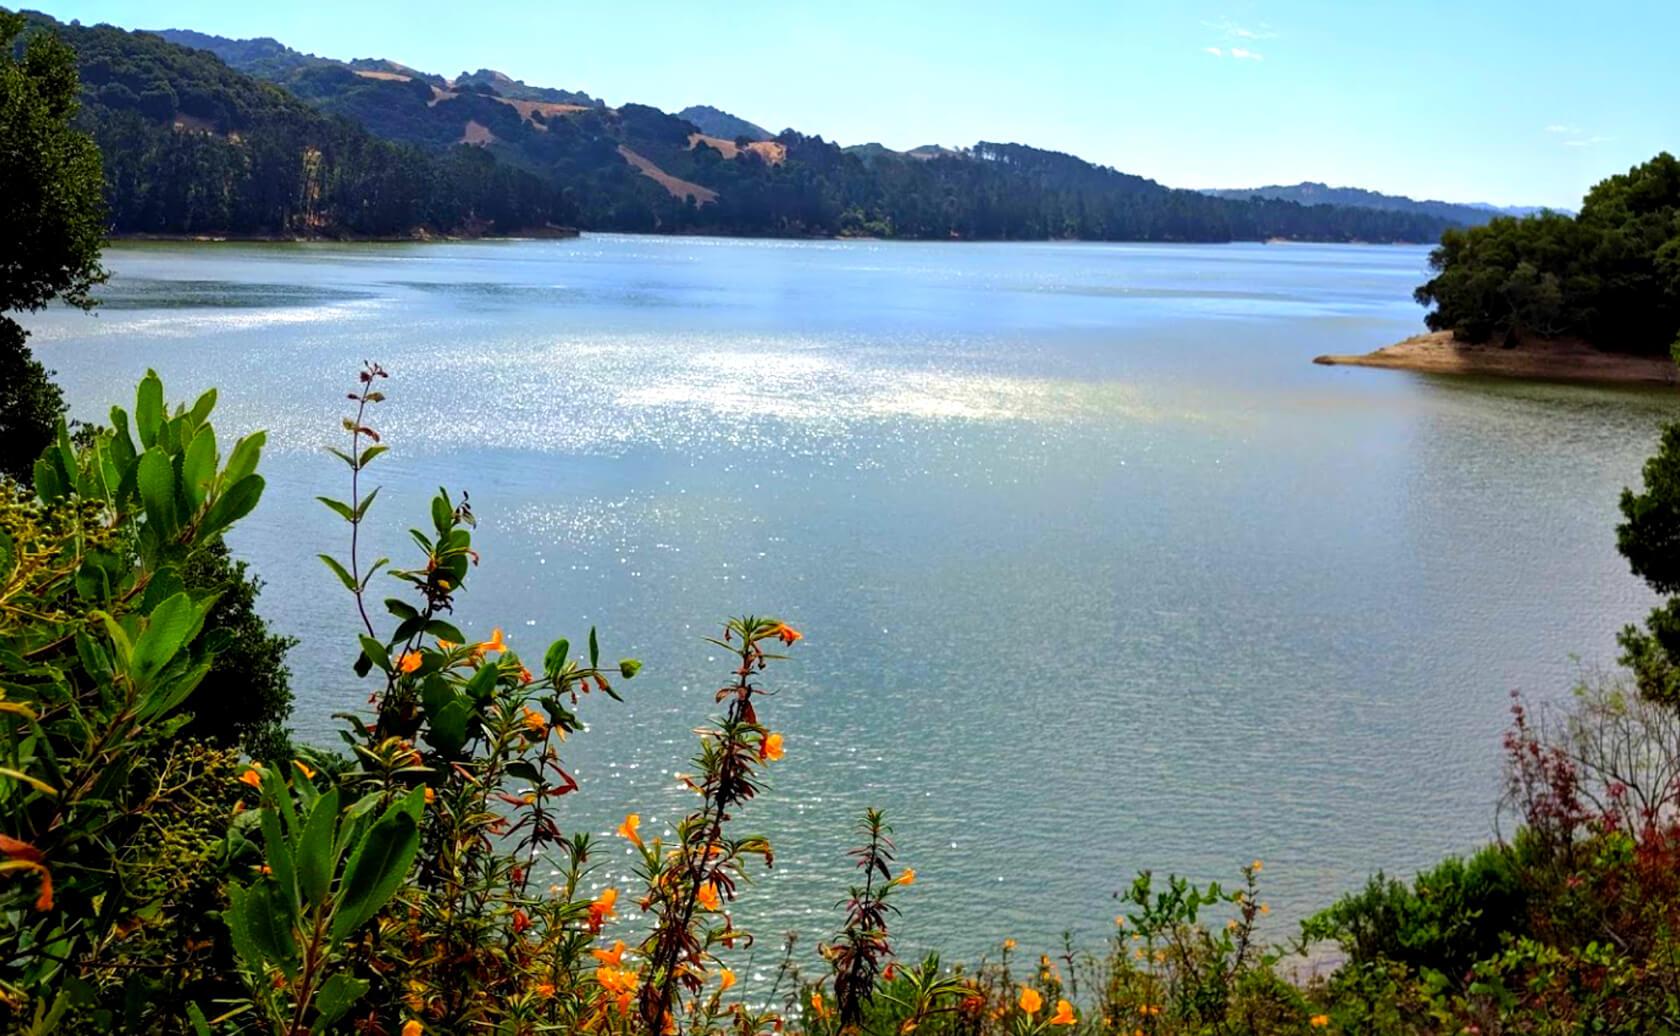 San-Pablo-Lake-Reservoir-Fishing-Guide-Report-California-05